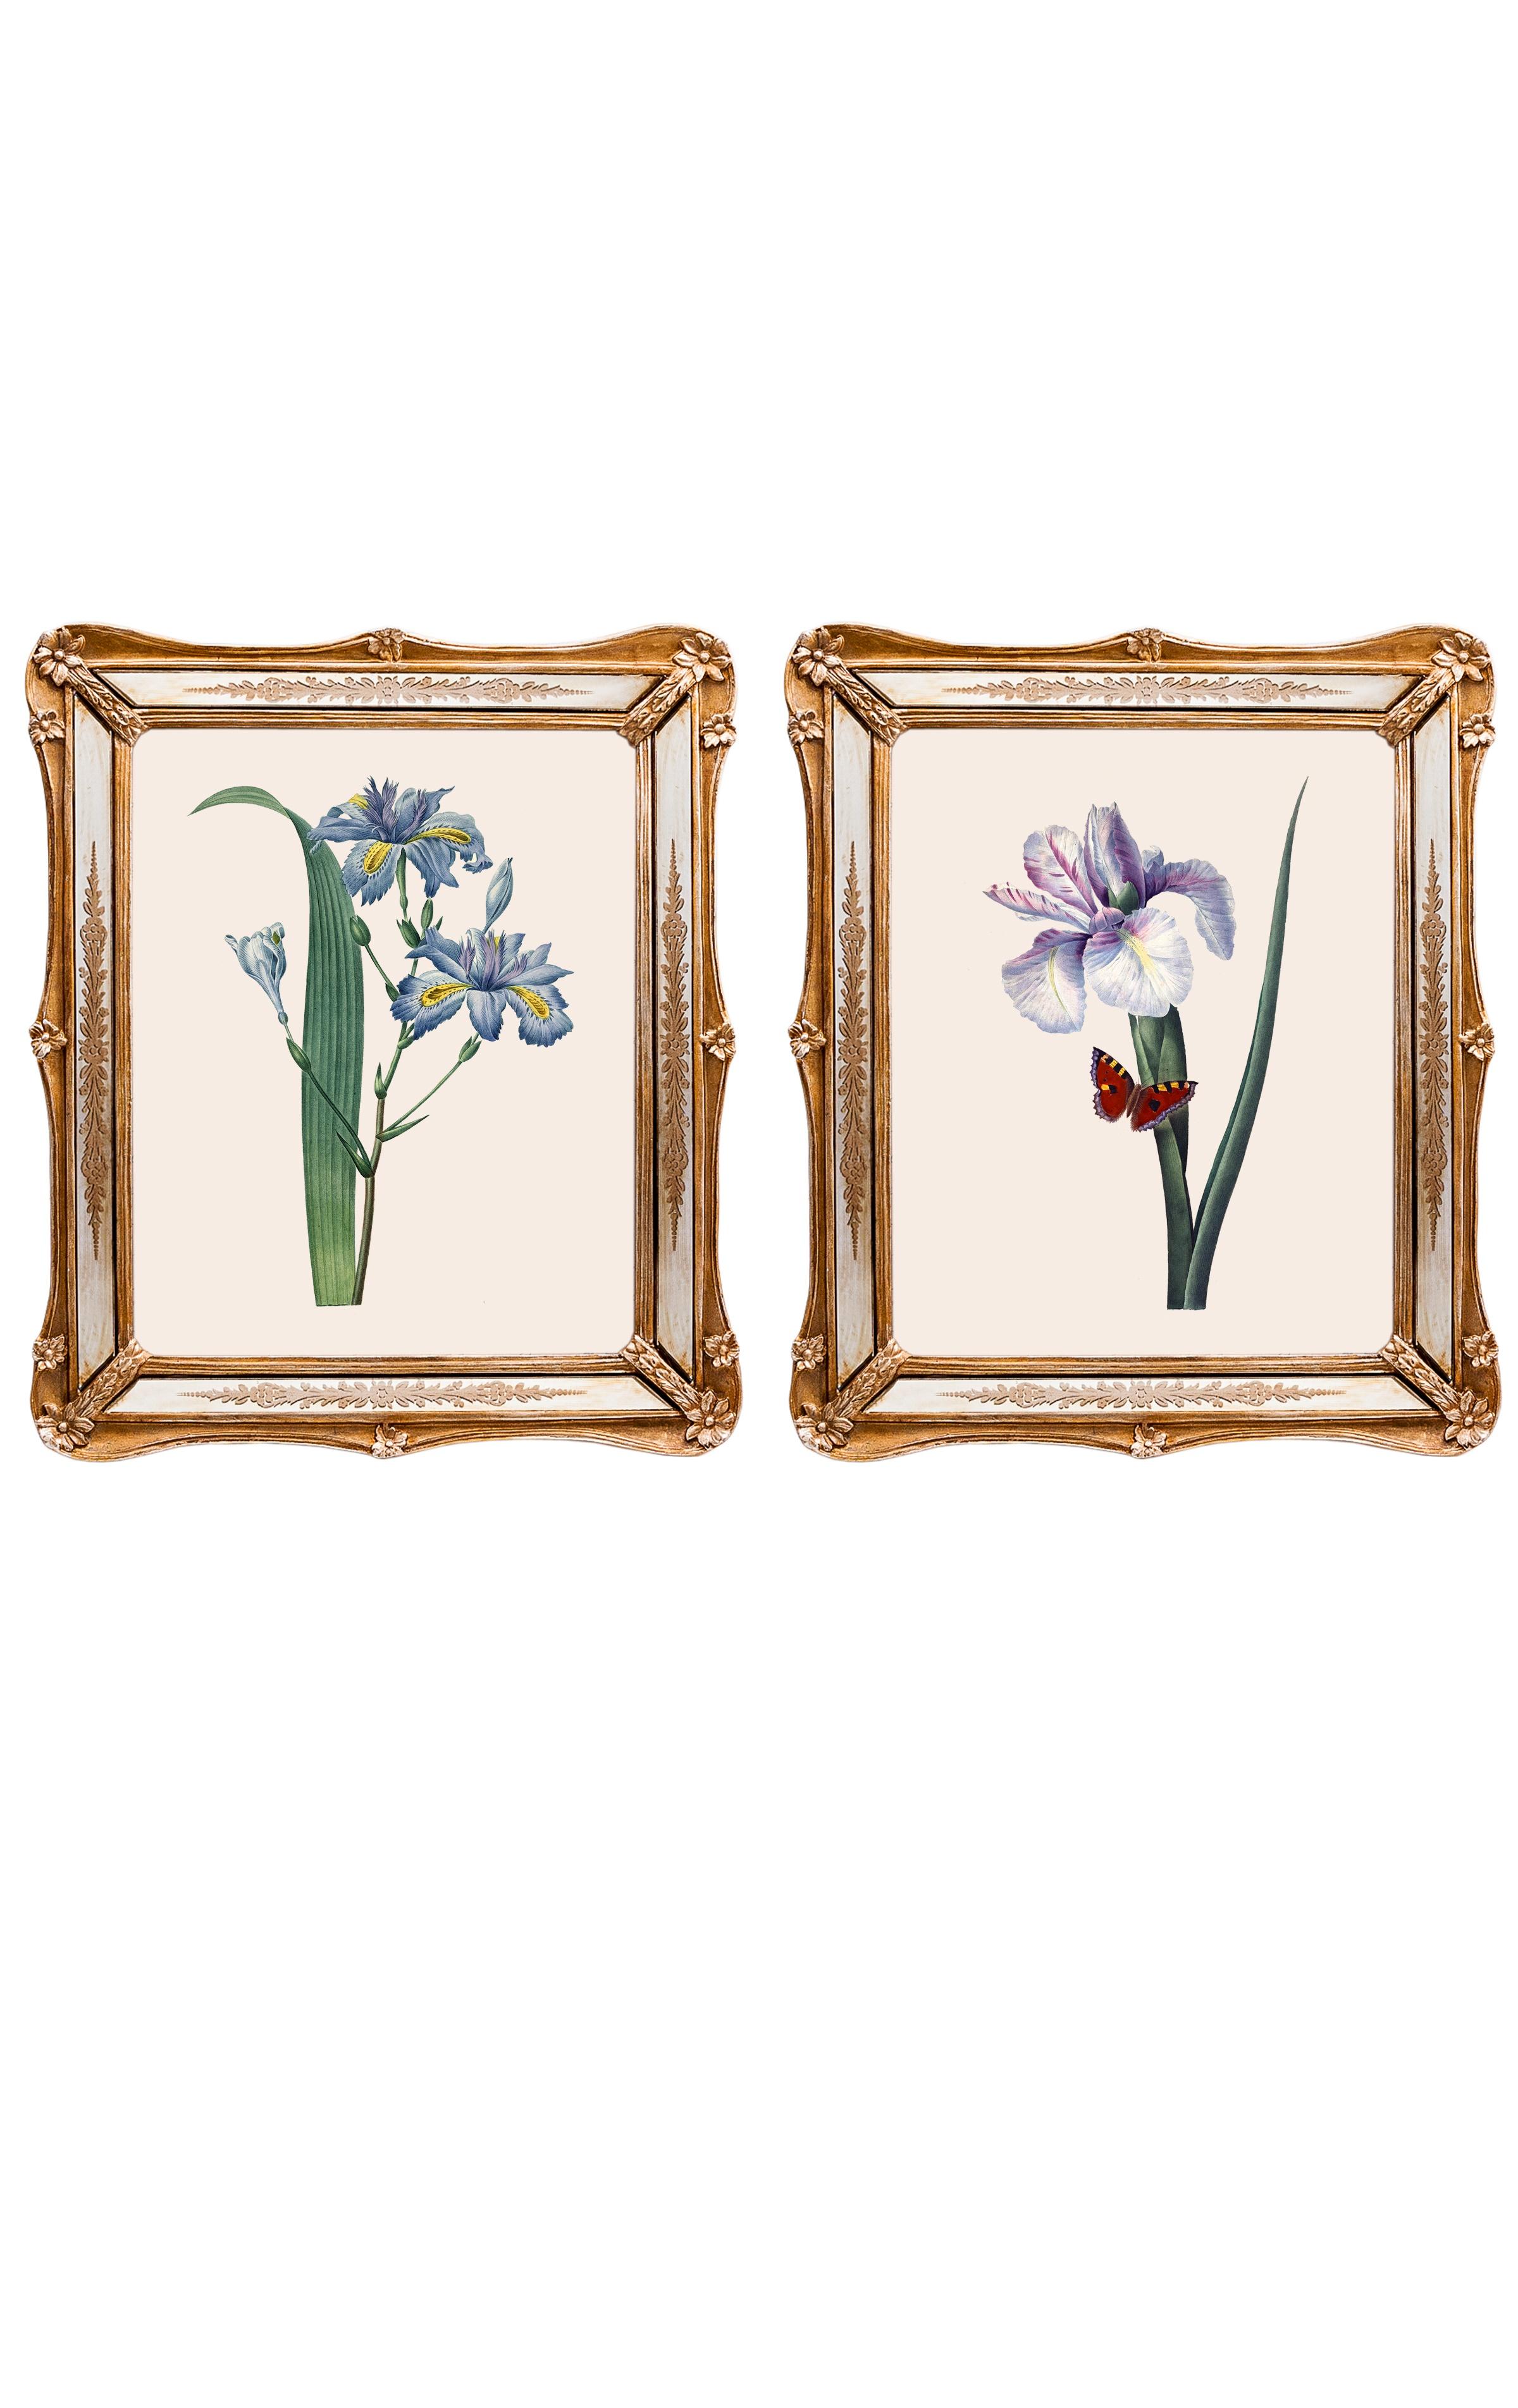 Набор из двух репродукций СофиКартины<br>&amp;lt;div&amp;gt;Репродукции акварелей французского художника Пьера-Жозефа Редуте, которого называли «Рафаэлем цветов», остаются так же свежи в начале 21 века, будто написаны совсем недавно. Они добавляют в интерьер нотки винтажной красоты, а удивительные цветы впечатляют своими изысканными формами. Репродукции акварелей в рамах с зеркальными вставками и золотым рельефом фантастически преображается в освещенном солнцем интерьере. Картины можно повесить на стену, а можно поставить, например, на стол или камин. Защитный стеклянный слой сохранит изображение от воздействий окружающей среды. Если Вам захочется обновить интерьер, Вы можете с легкостью заменить изображение картины!&amp;lt;/div&amp;gt;&amp;lt;div&amp;gt;&amp;lt;br&amp;gt;&amp;lt;/div&amp;gt;&amp;lt;div&amp;gt;Изображение - дизайнерская бумага; рама - искуственный камень, зеркальные вставки; защитный слой - стекло&amp;amp;nbsp;&amp;lt;/div&amp;gt;&amp;lt;div&amp;gt;цвет:мультиколор&amp;amp;nbsp;&amp;lt;/div&amp;gt;<br><br>Material: Бумага<br>Ширина см: 26.5<br>Высота см: 30.5<br>Глубина см: 2.0